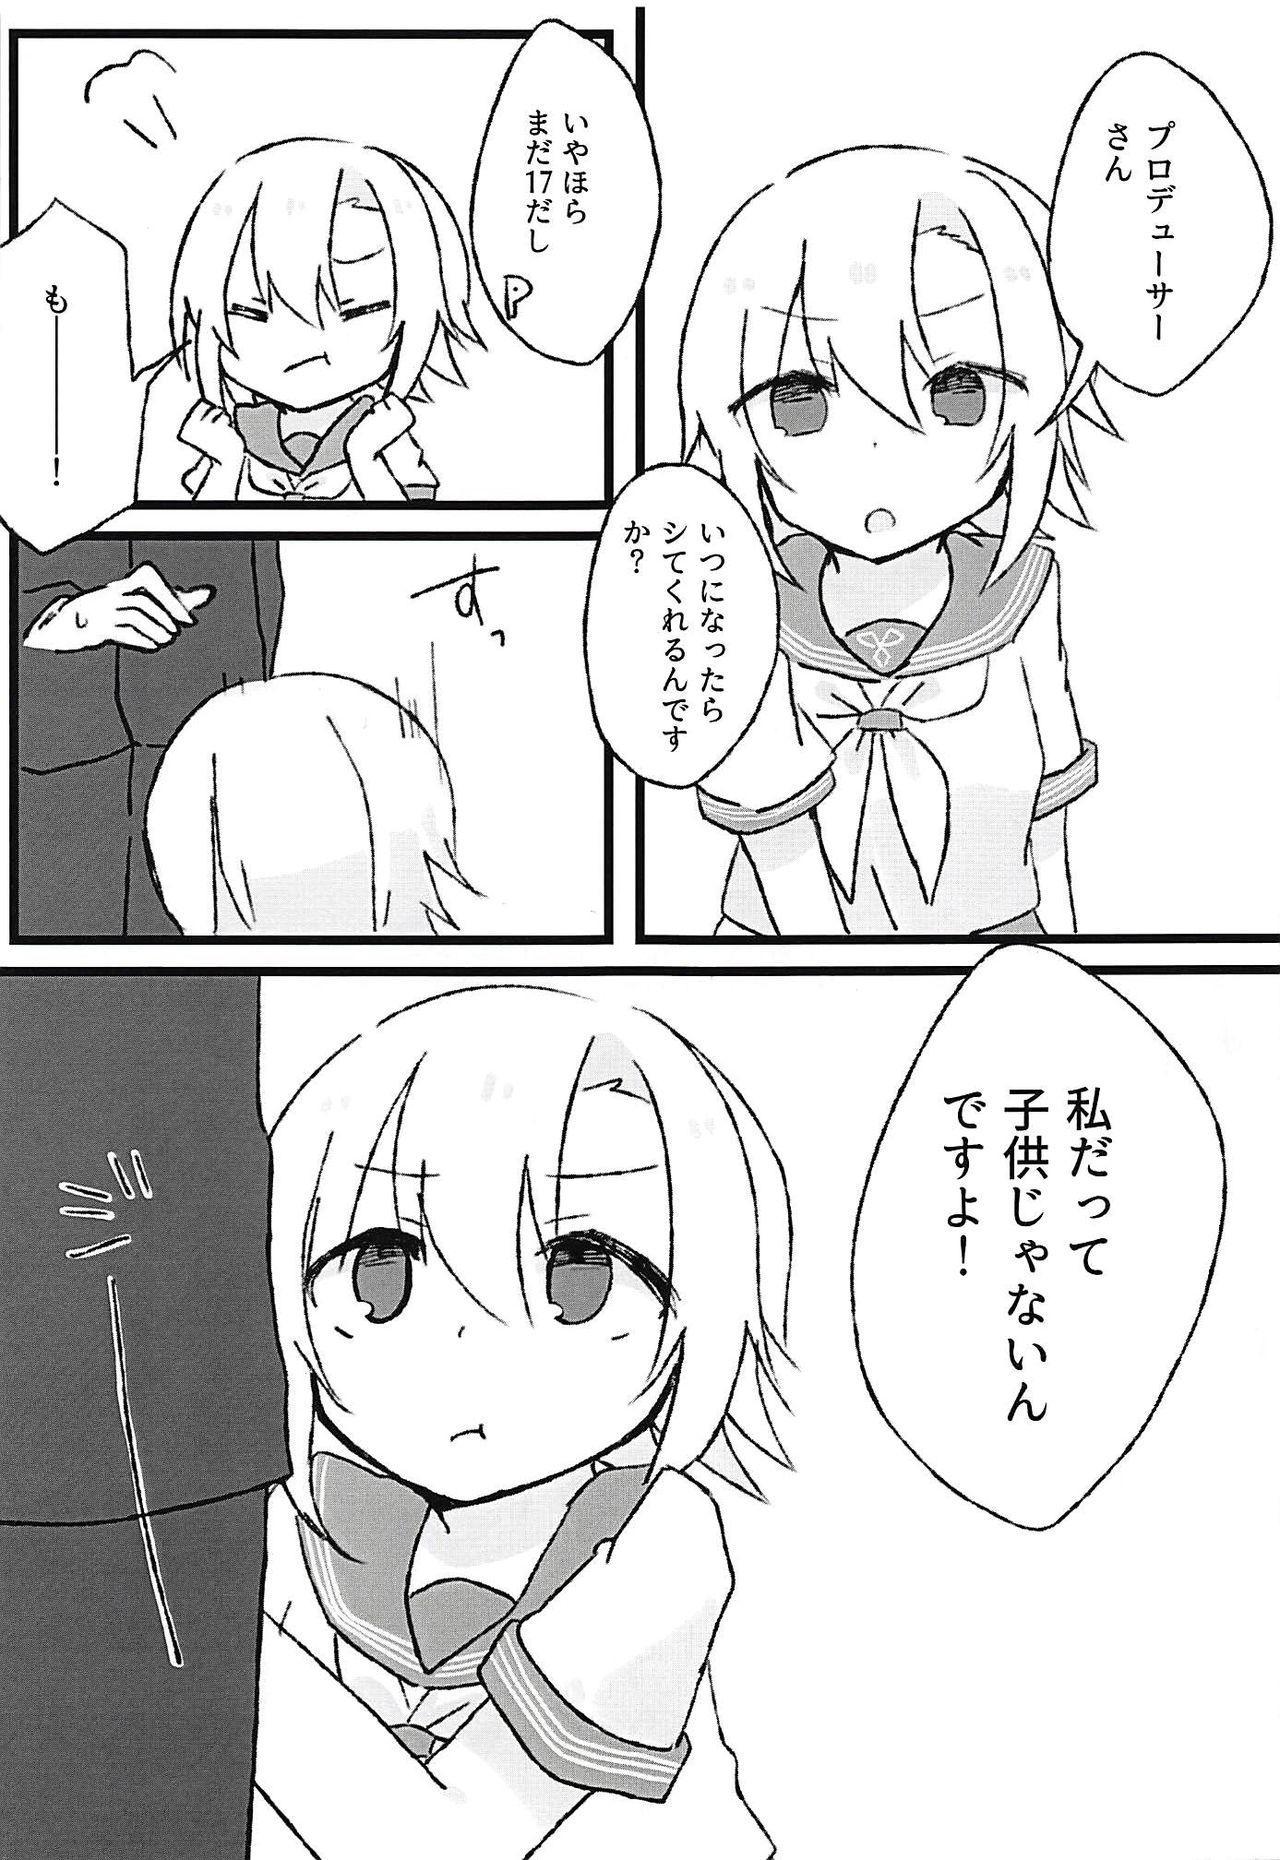 Seifuku Riina to Ecchi na Koto ga Shitai 1